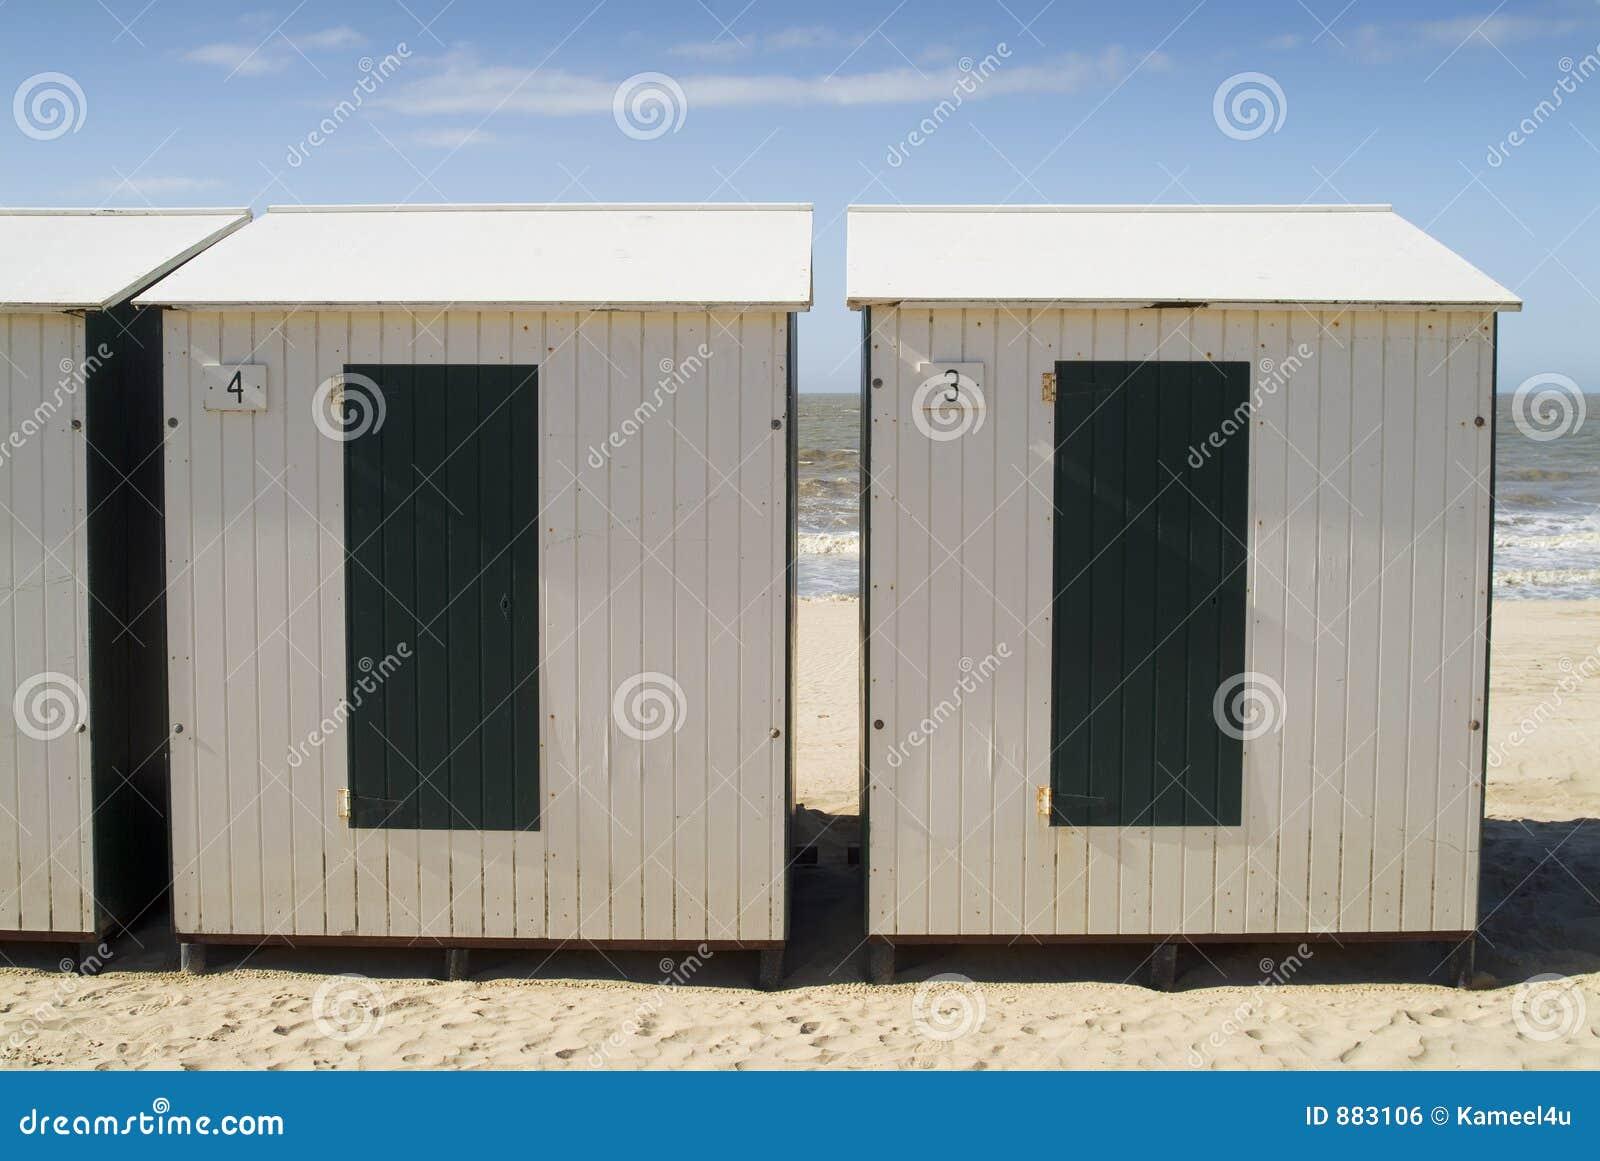 cabines sur la plage la mer du nord image libre de droits image 883106. Black Bedroom Furniture Sets. Home Design Ideas